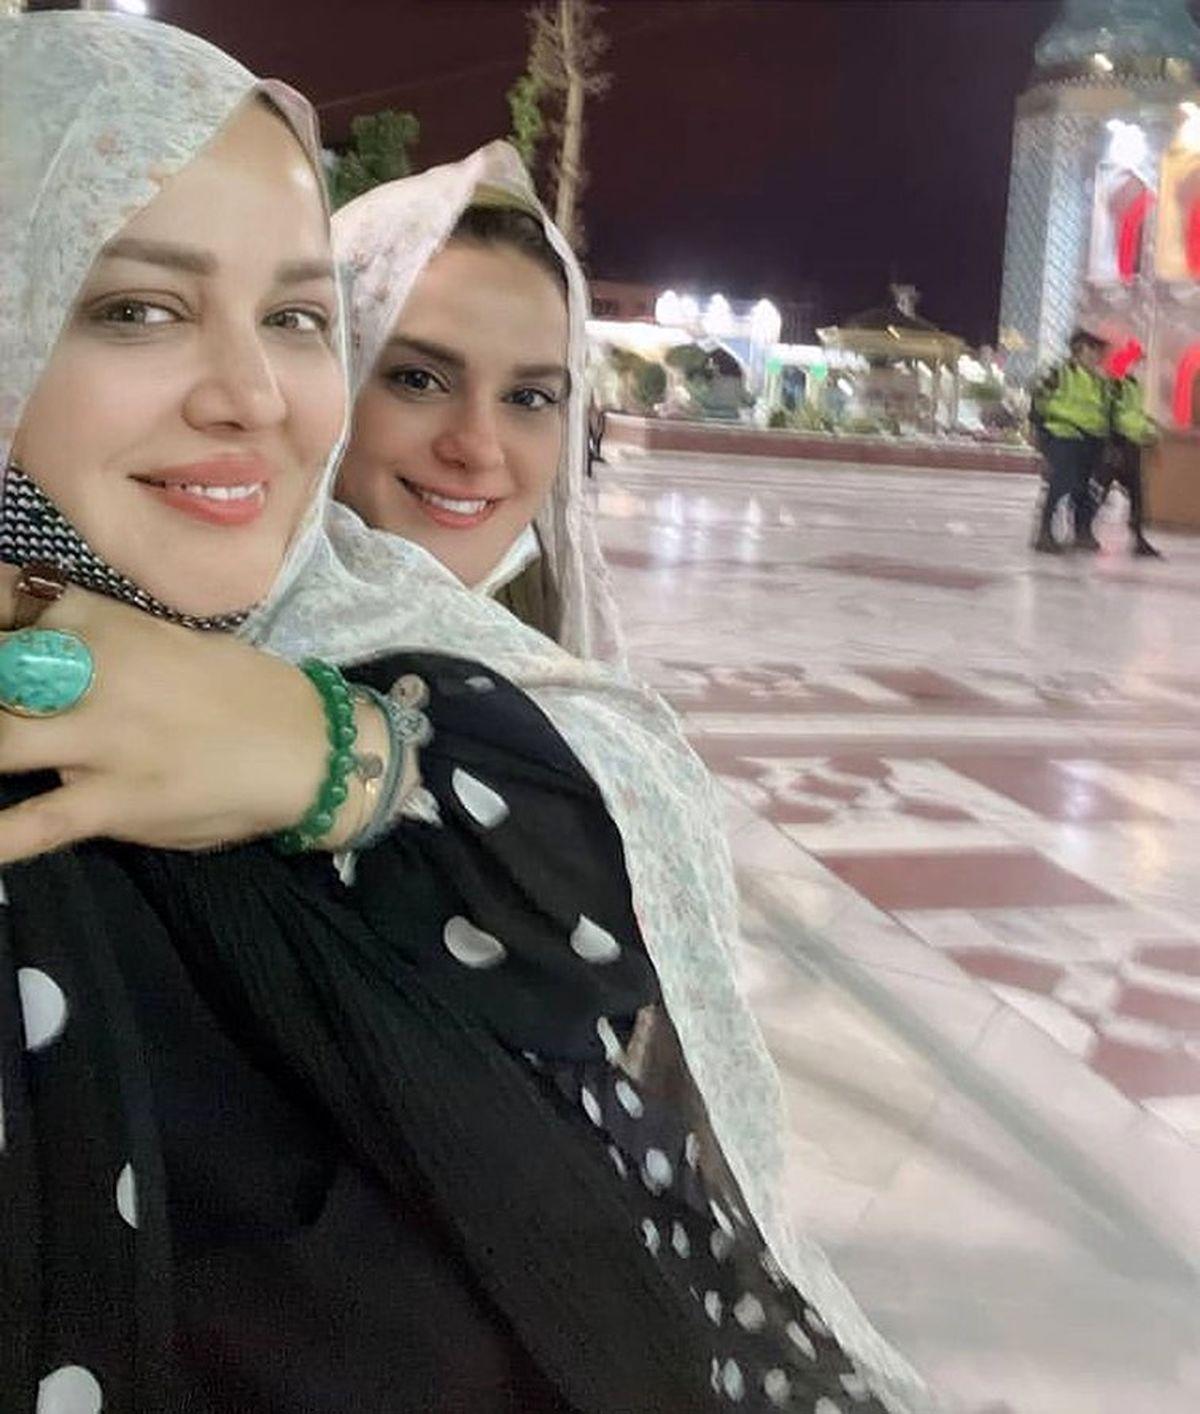 احیای بهاره رهنما و دوستش در حرم امام زاده صالح+عکس